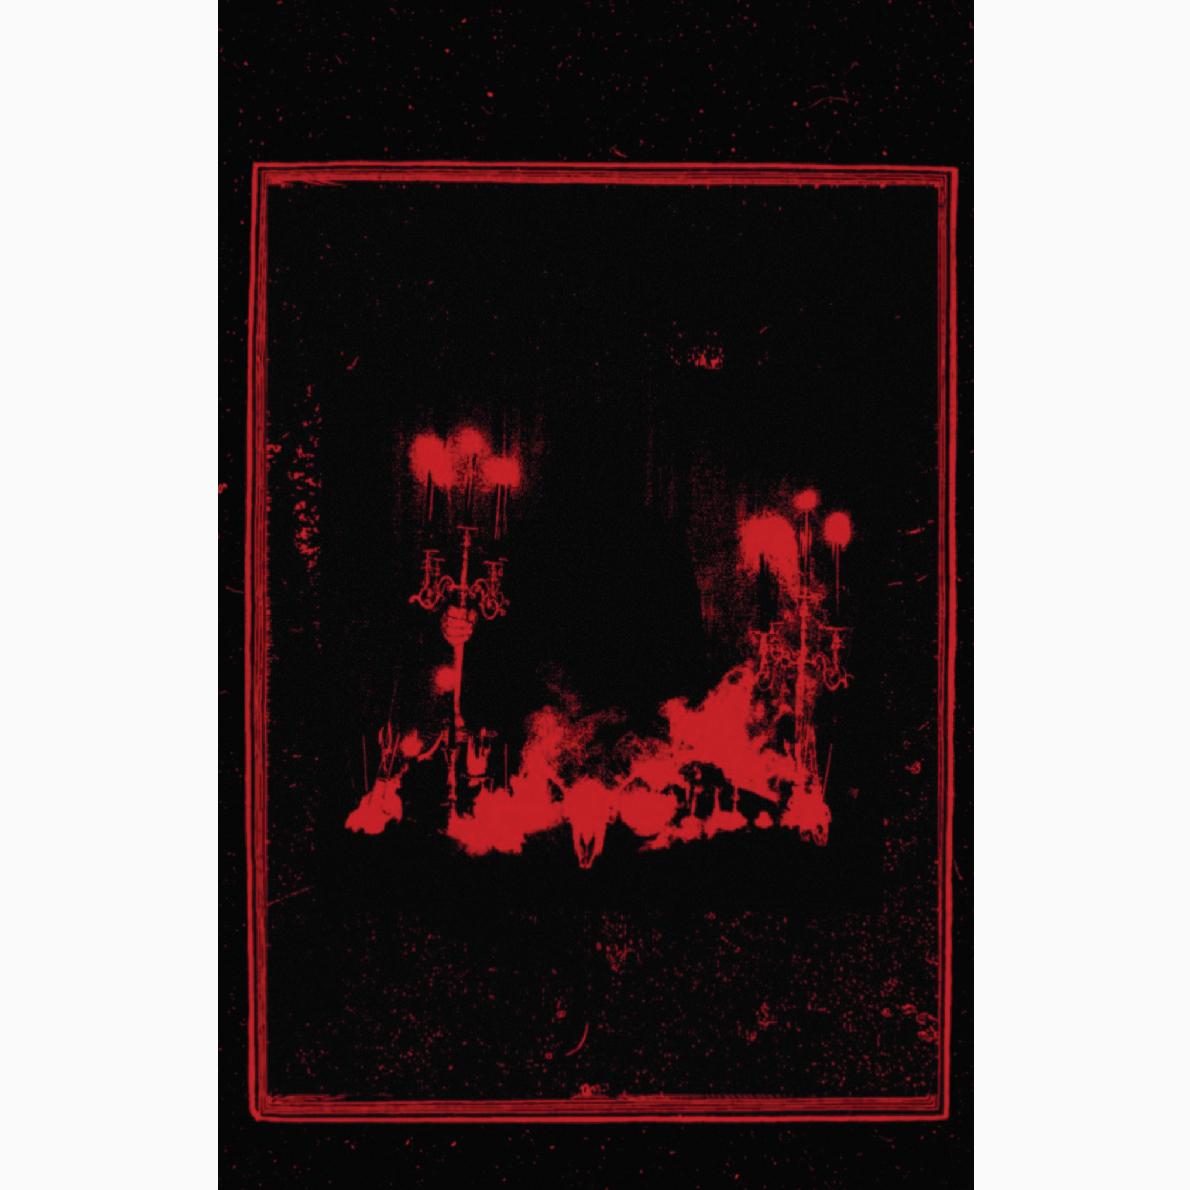 FOUL LIGHT - Blood of Venomous Curses